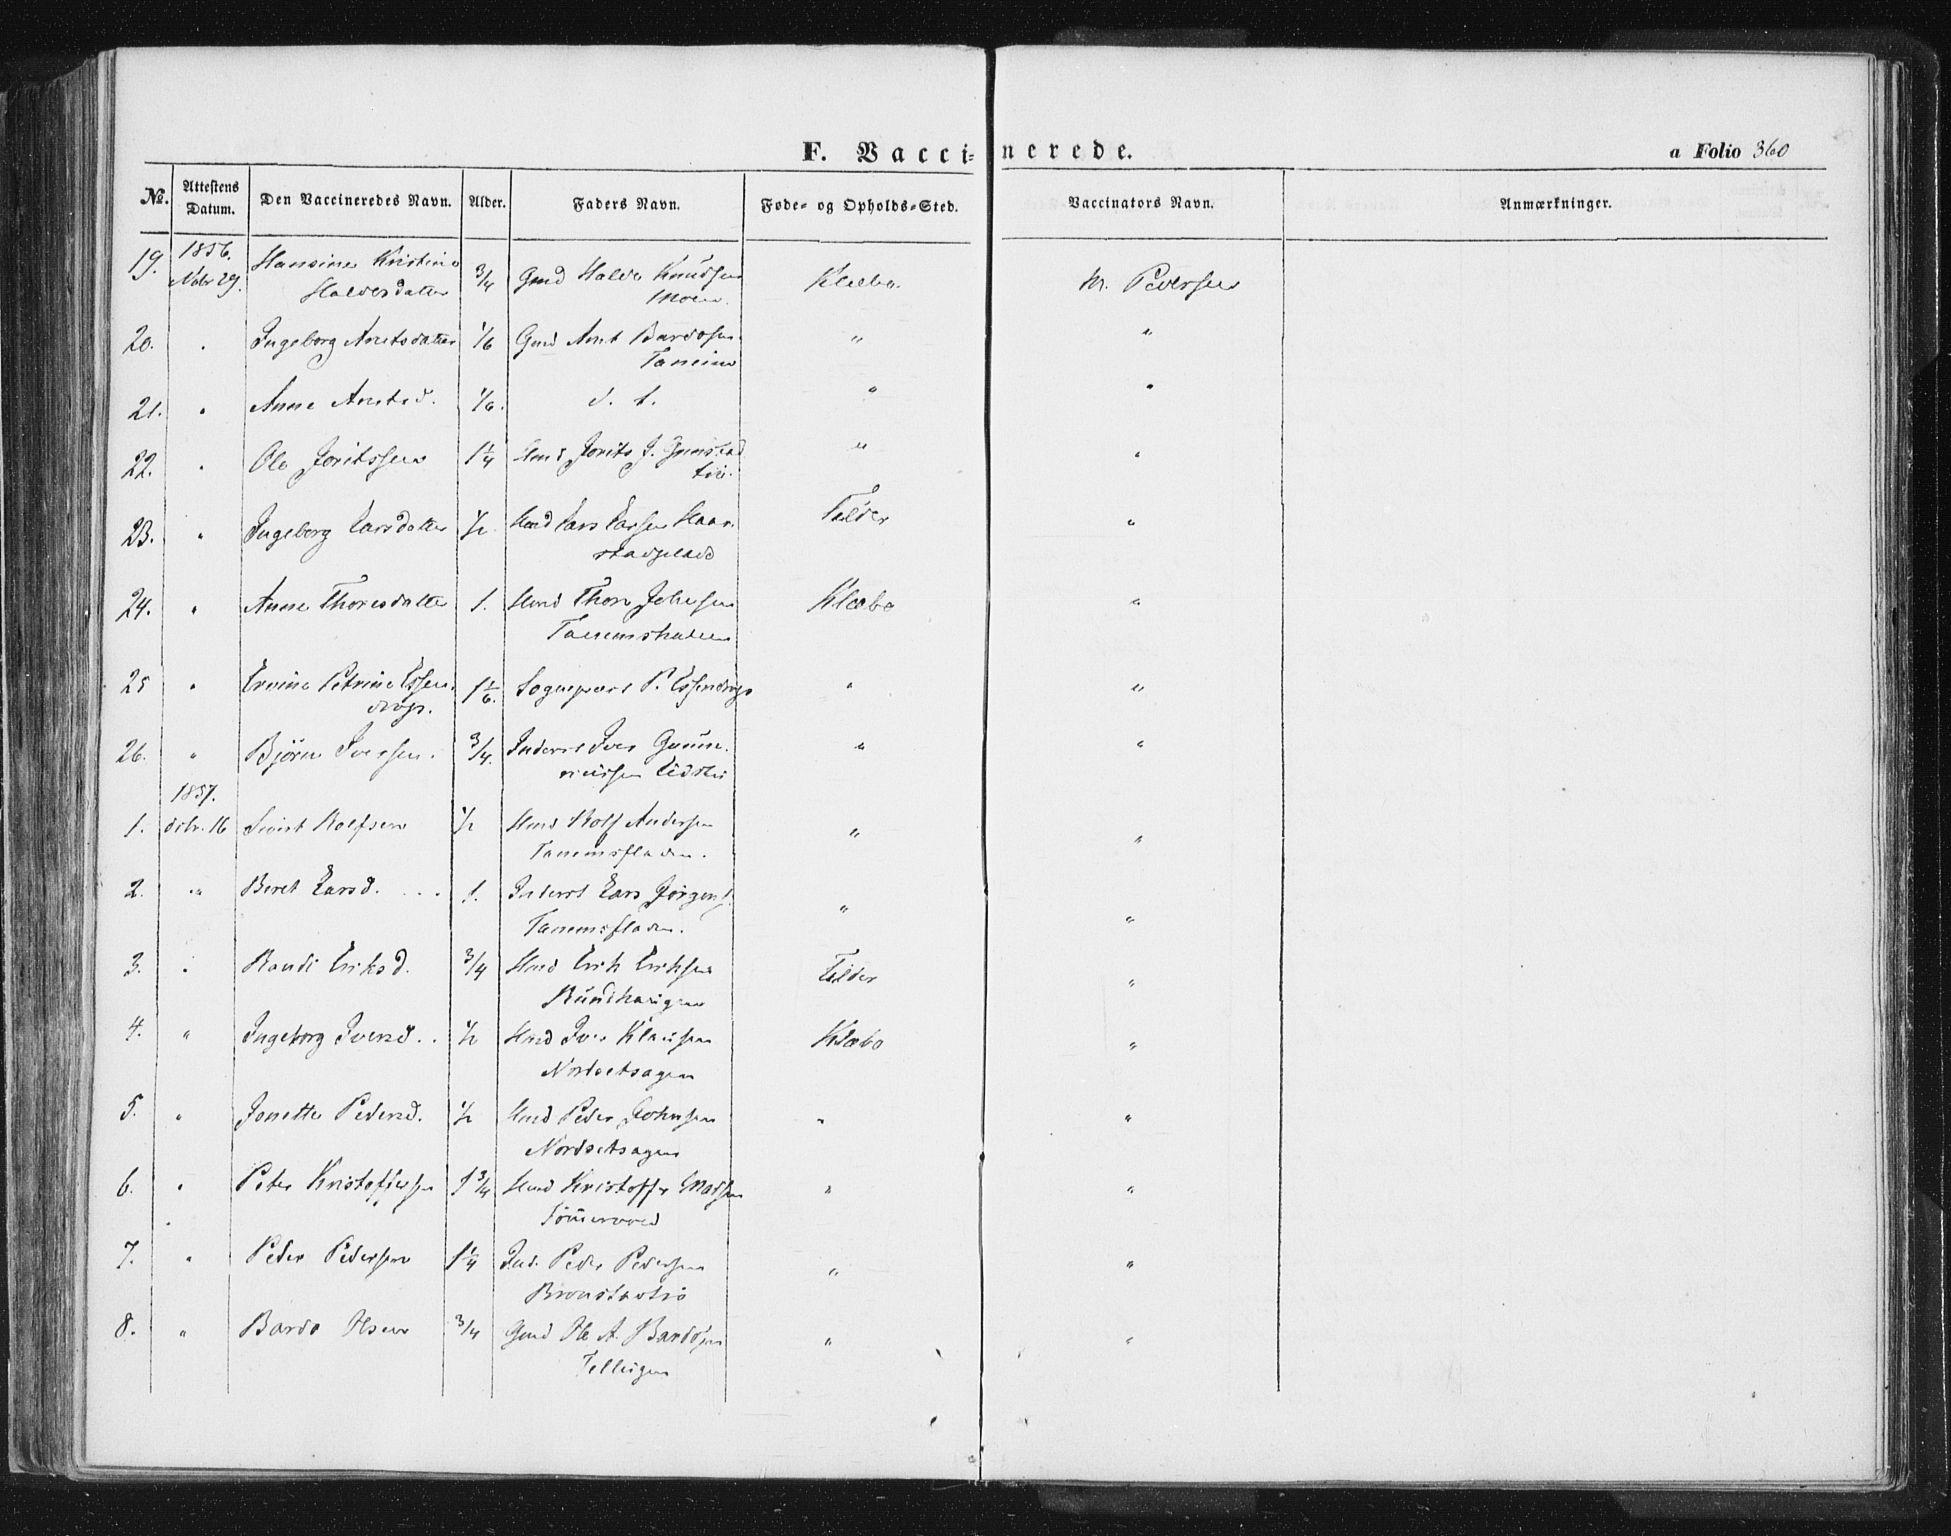 SAT, Ministerialprotokoller, klokkerbøker og fødselsregistre - Sør-Trøndelag, 618/L0441: Ministerialbok nr. 618A05, 1843-1862, s. 360